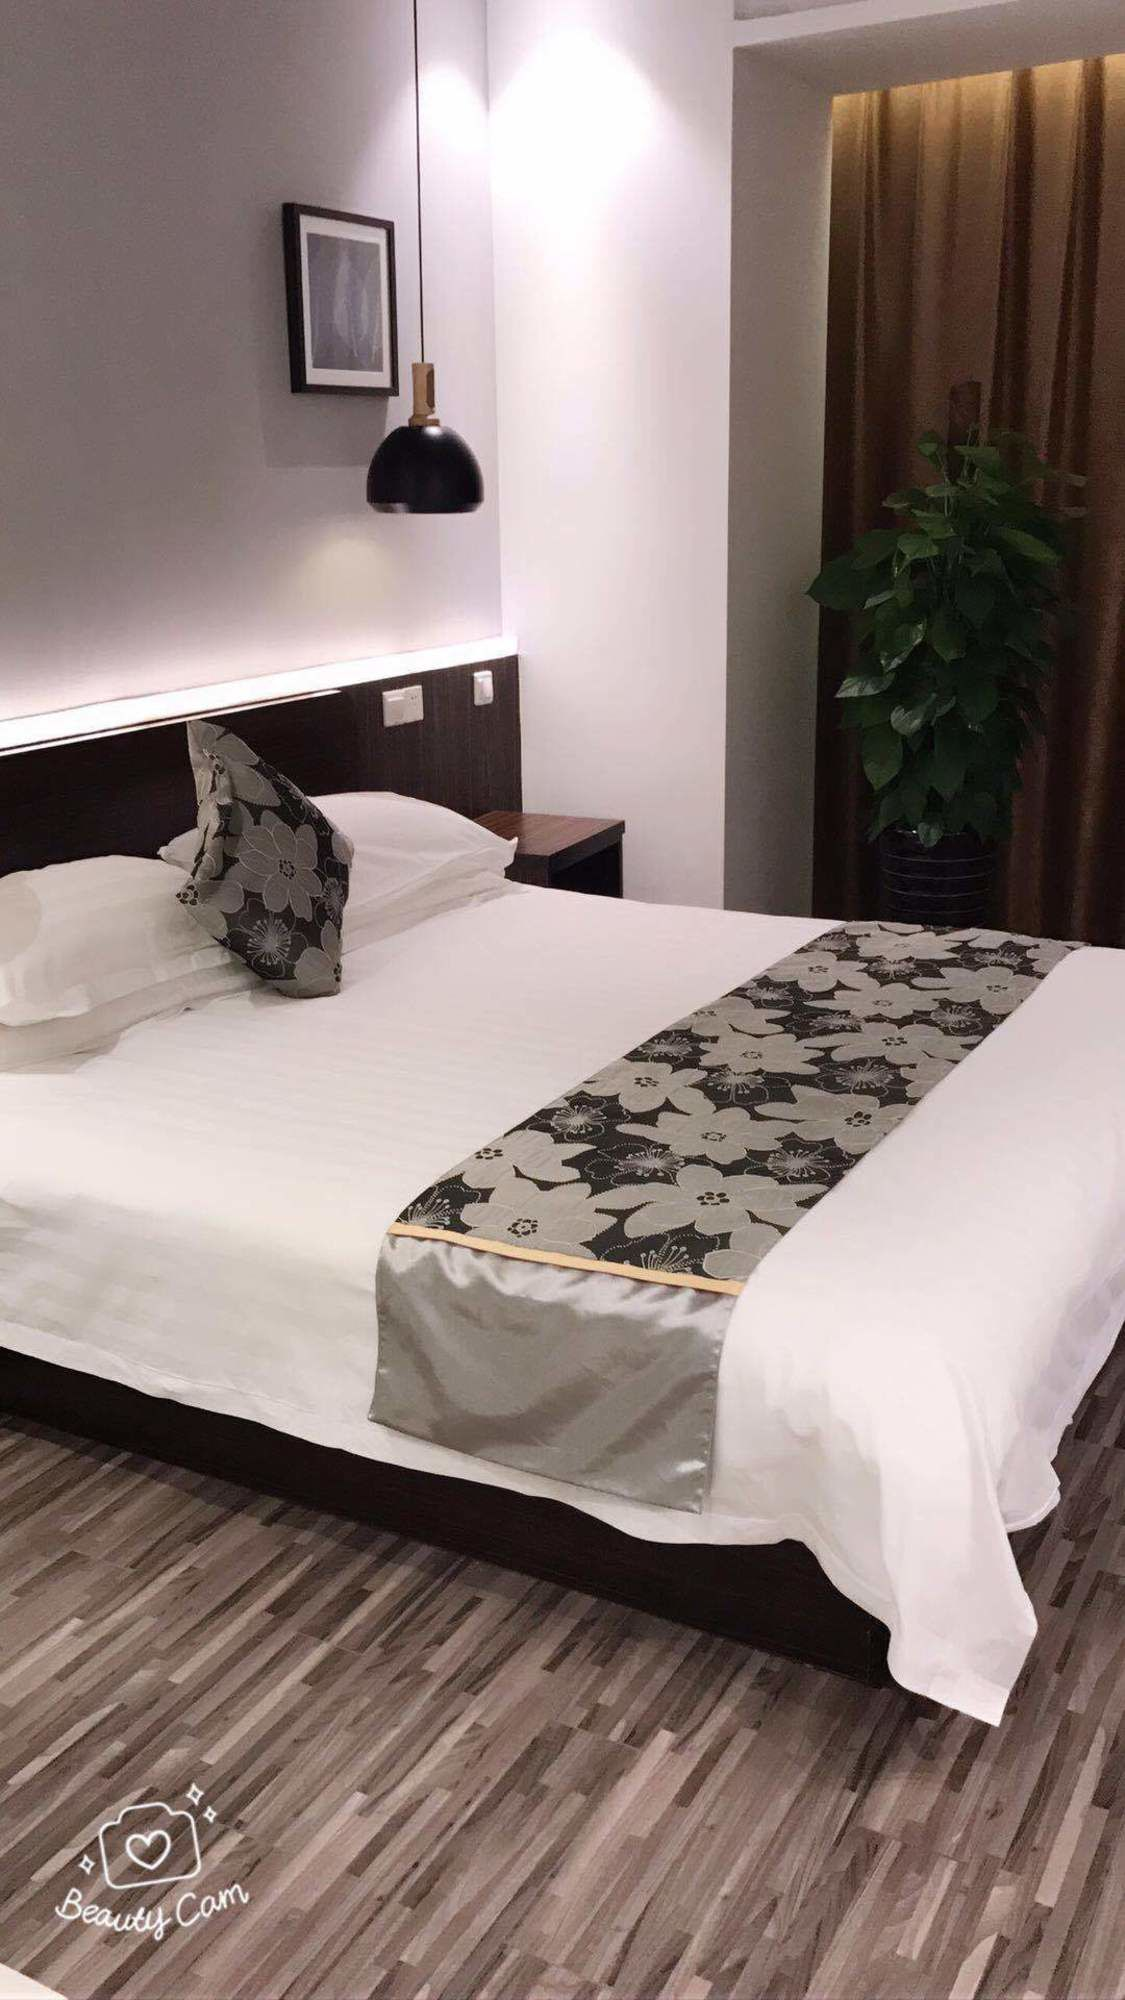 Yue Rong Ting Jingan Service Hotel